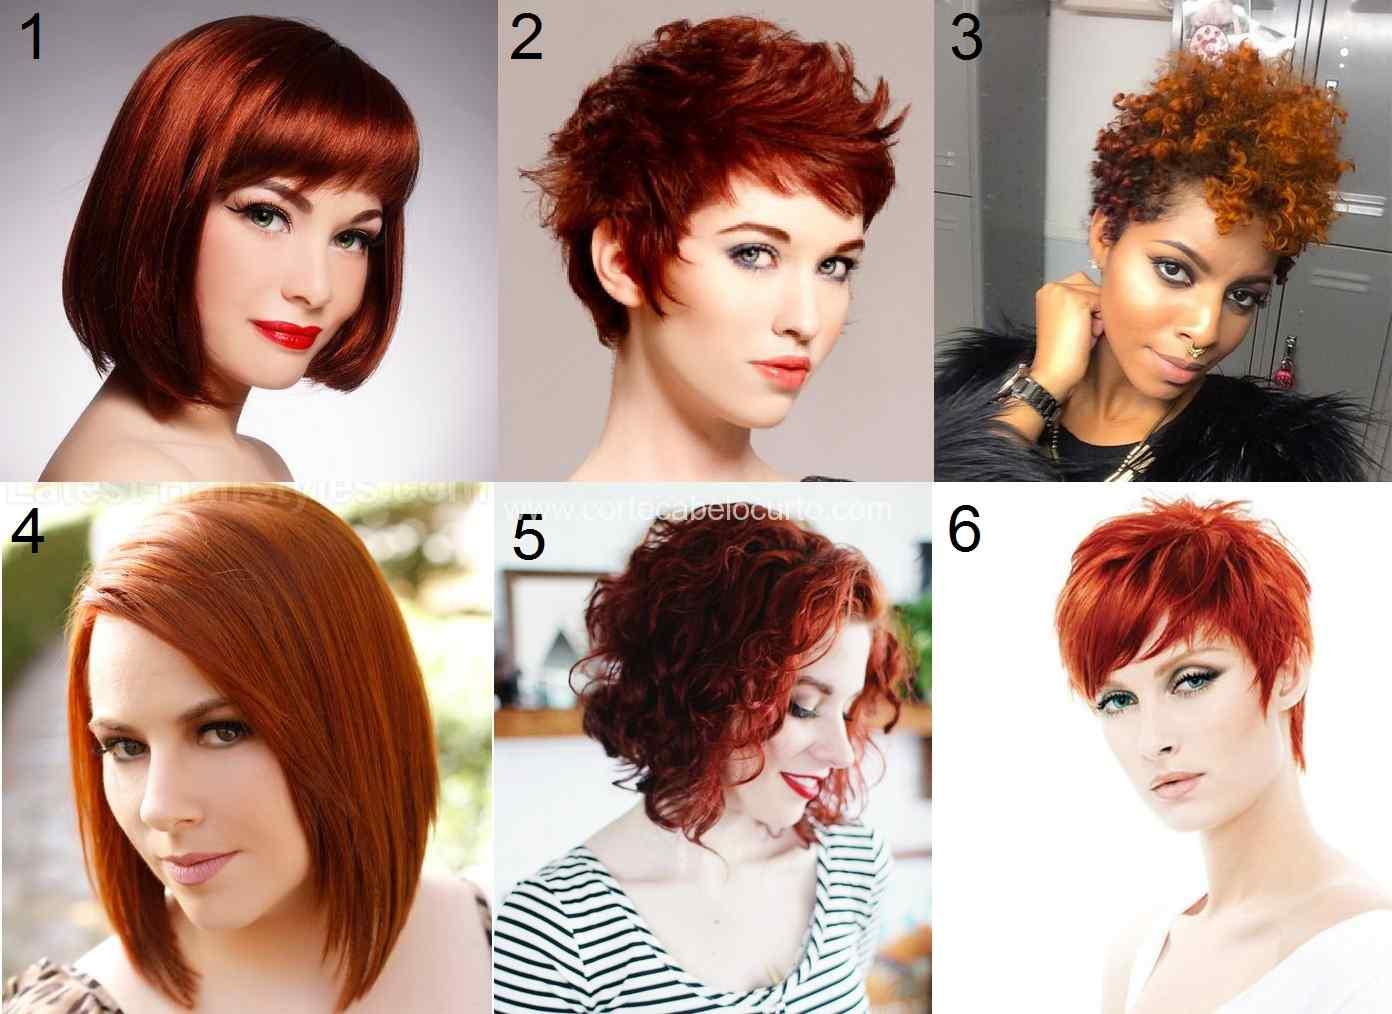 cortes-cabelos-curtos-2000-cor-vermelha